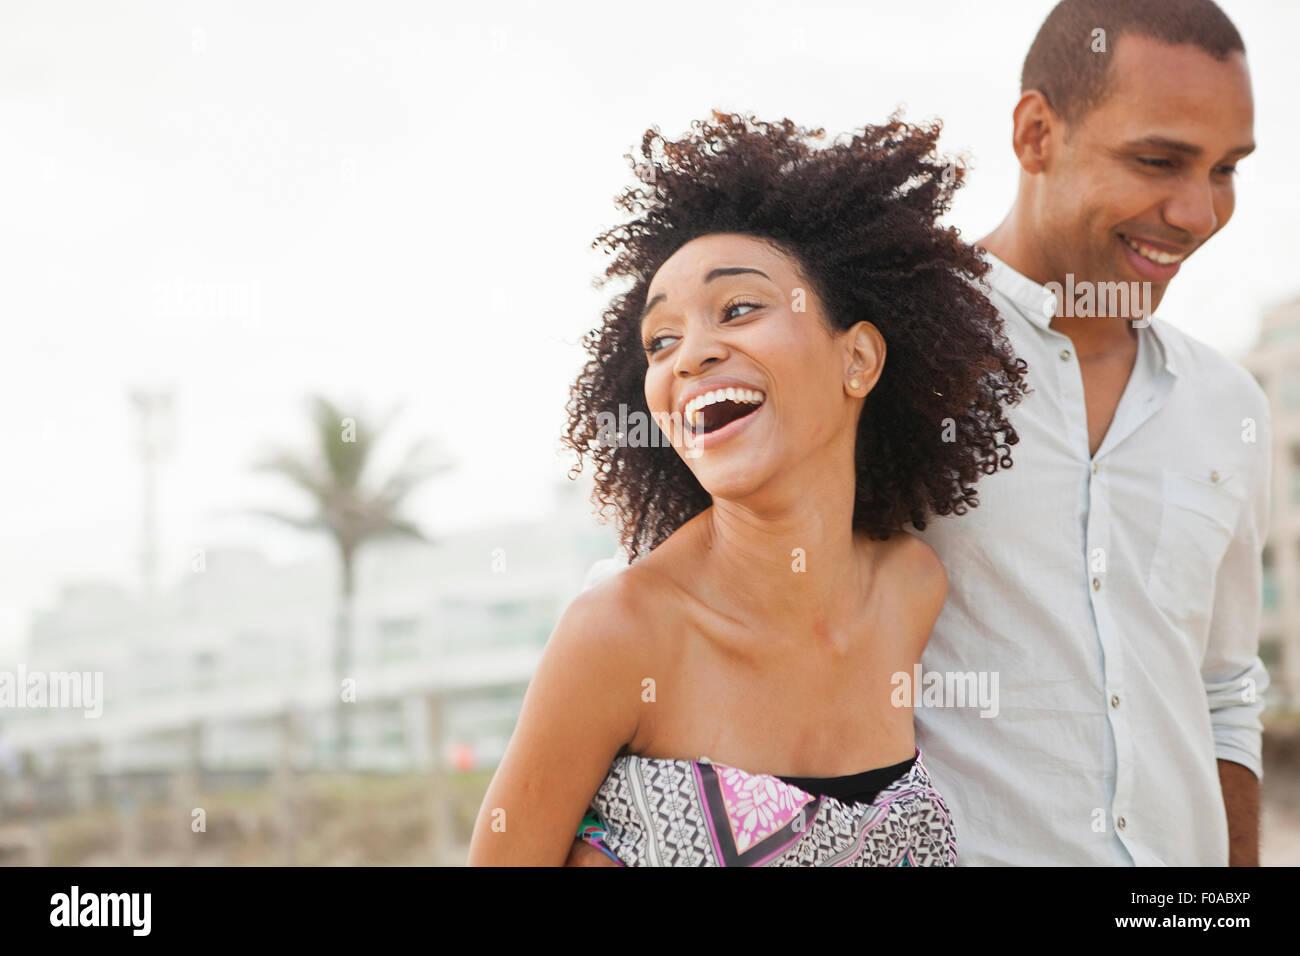 Giovane donna di ridere mentre passeggiando con il mio ragazzo sulla spiaggia, Rio de Janeiro, Brasile Immagini Stock